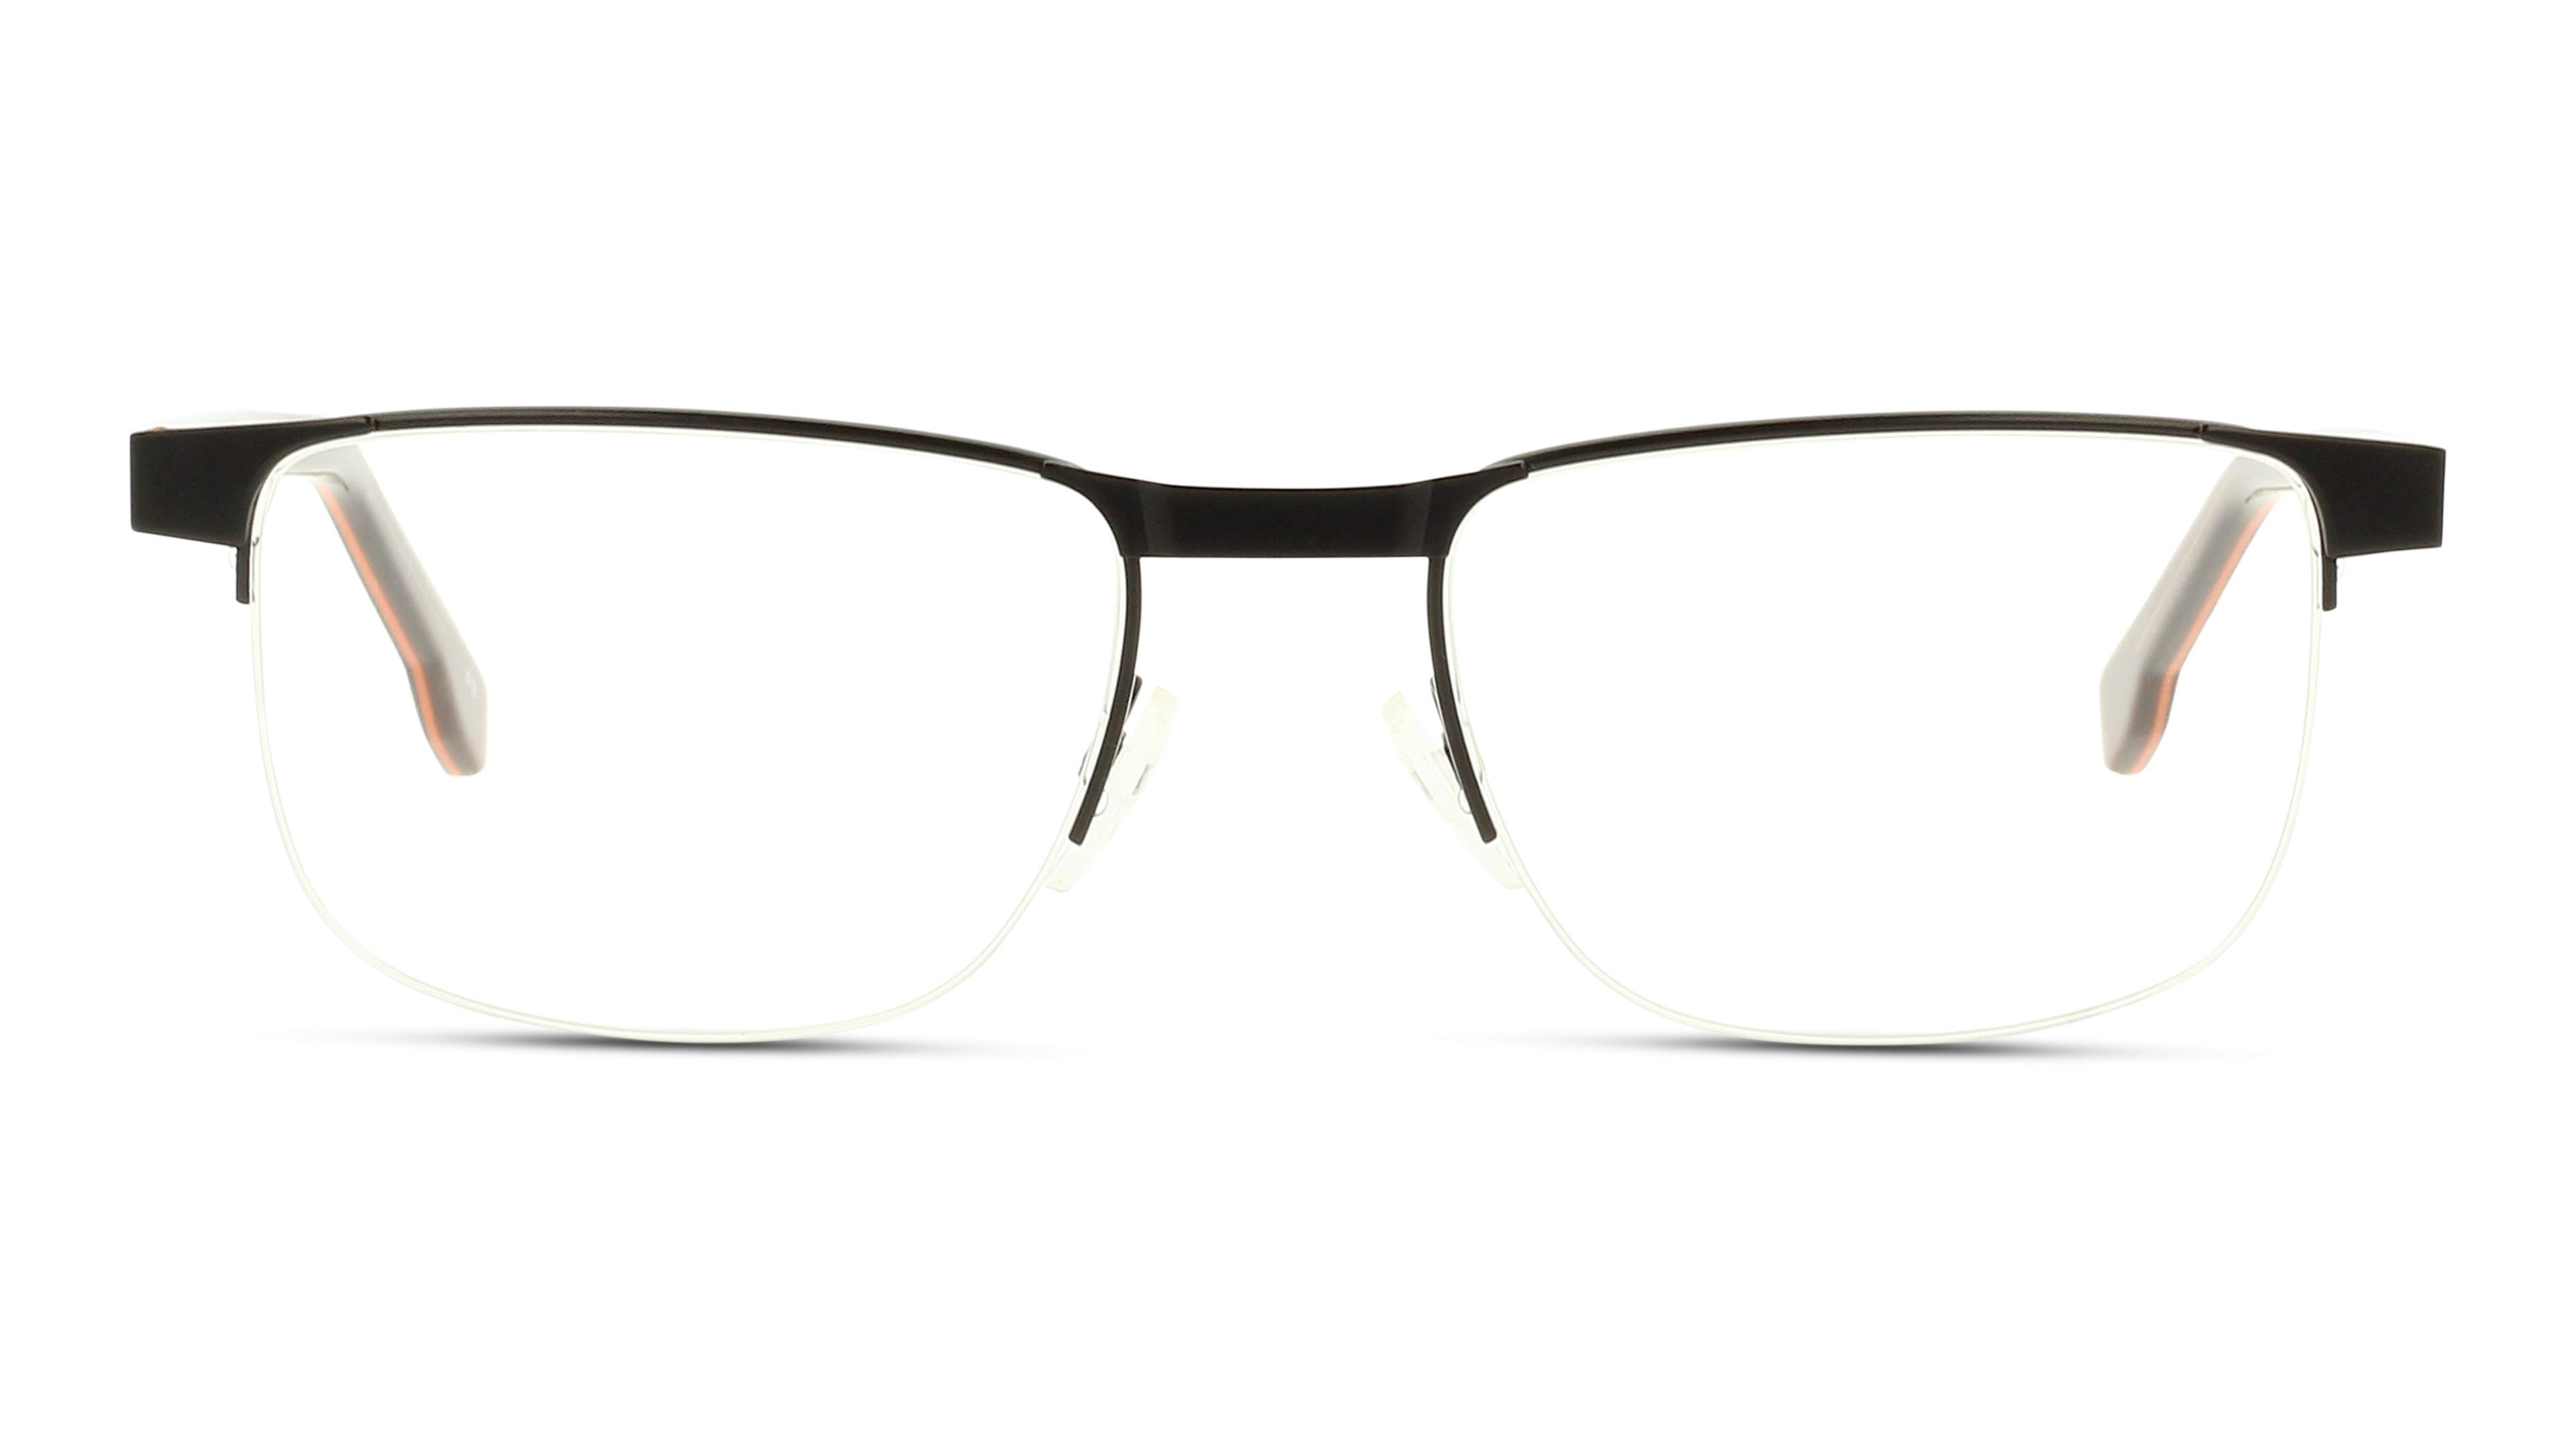 886895402798-front-01-lacoste-l2248-eyewear-black